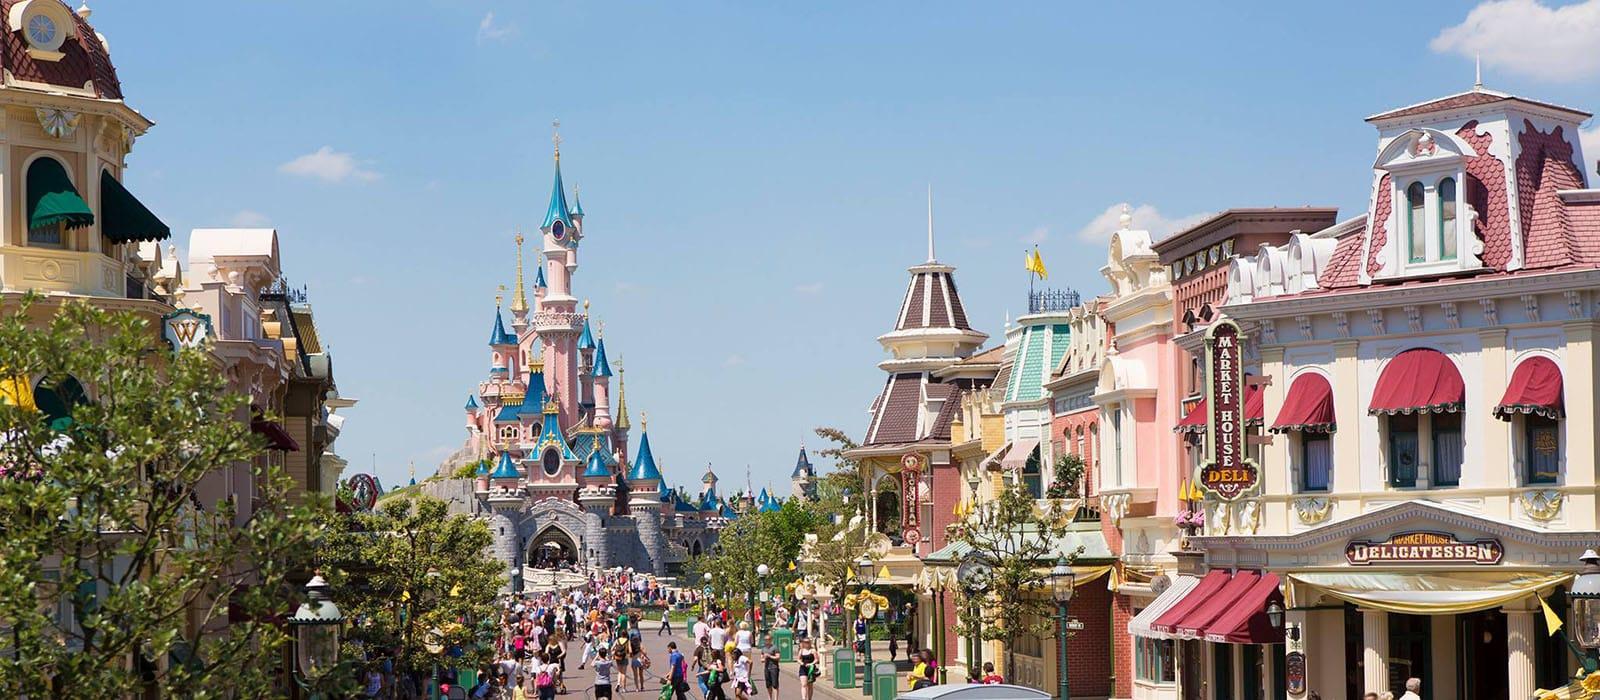 Tijdelijke sluiting <br> Disneyland Paris